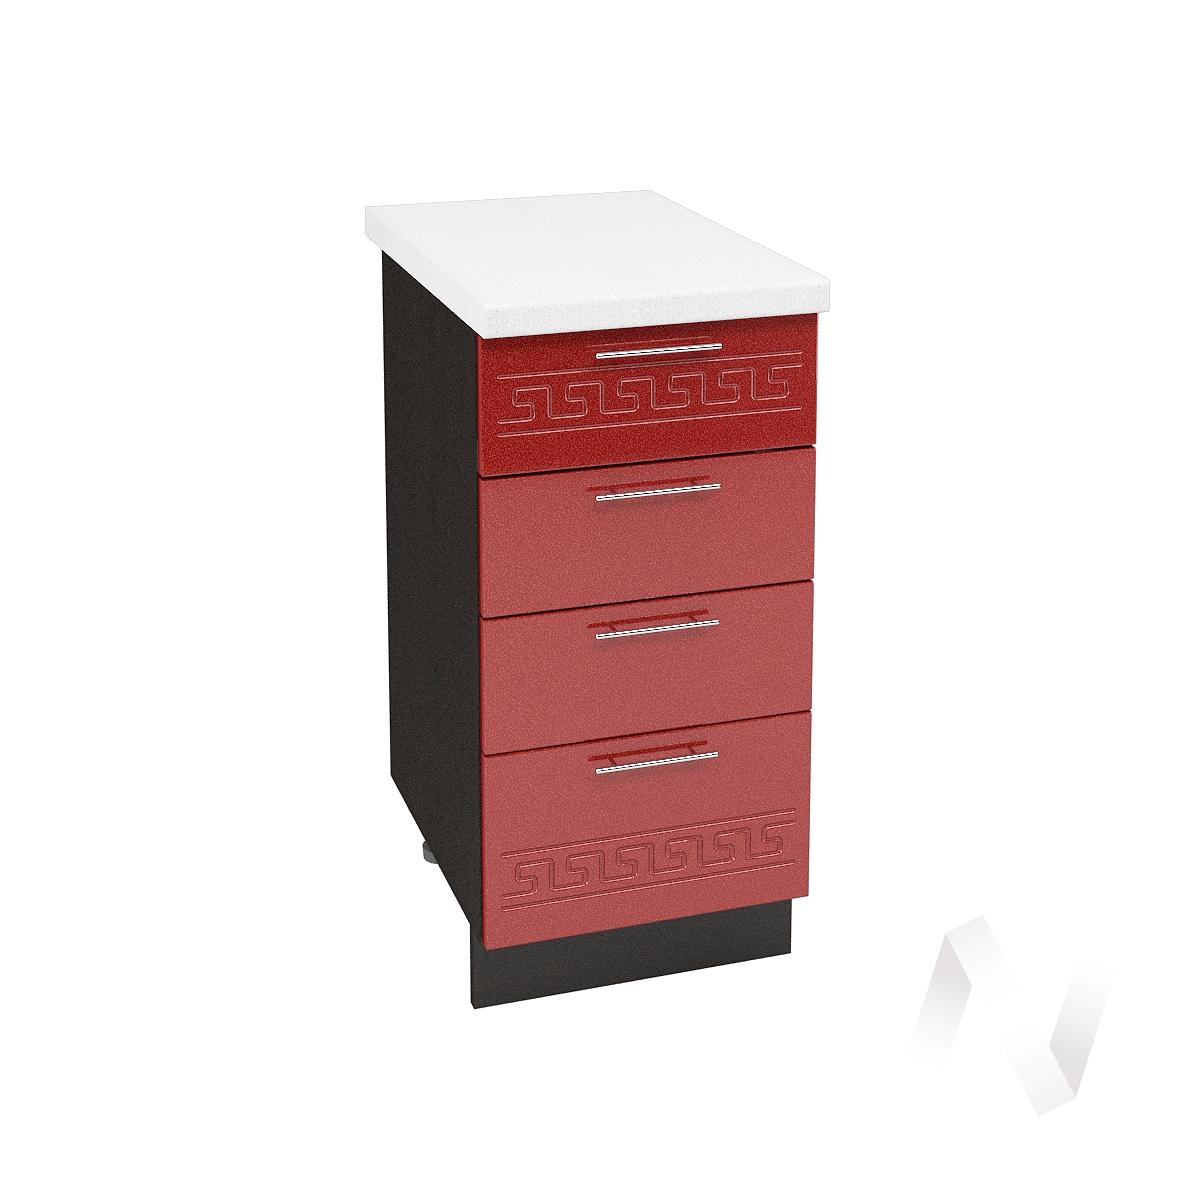 """Кухня """"Греция"""": Шкаф нижний с 4-мя ящиками 400, ШН4Я 400 (гранатовый металлик/корпус венге)"""